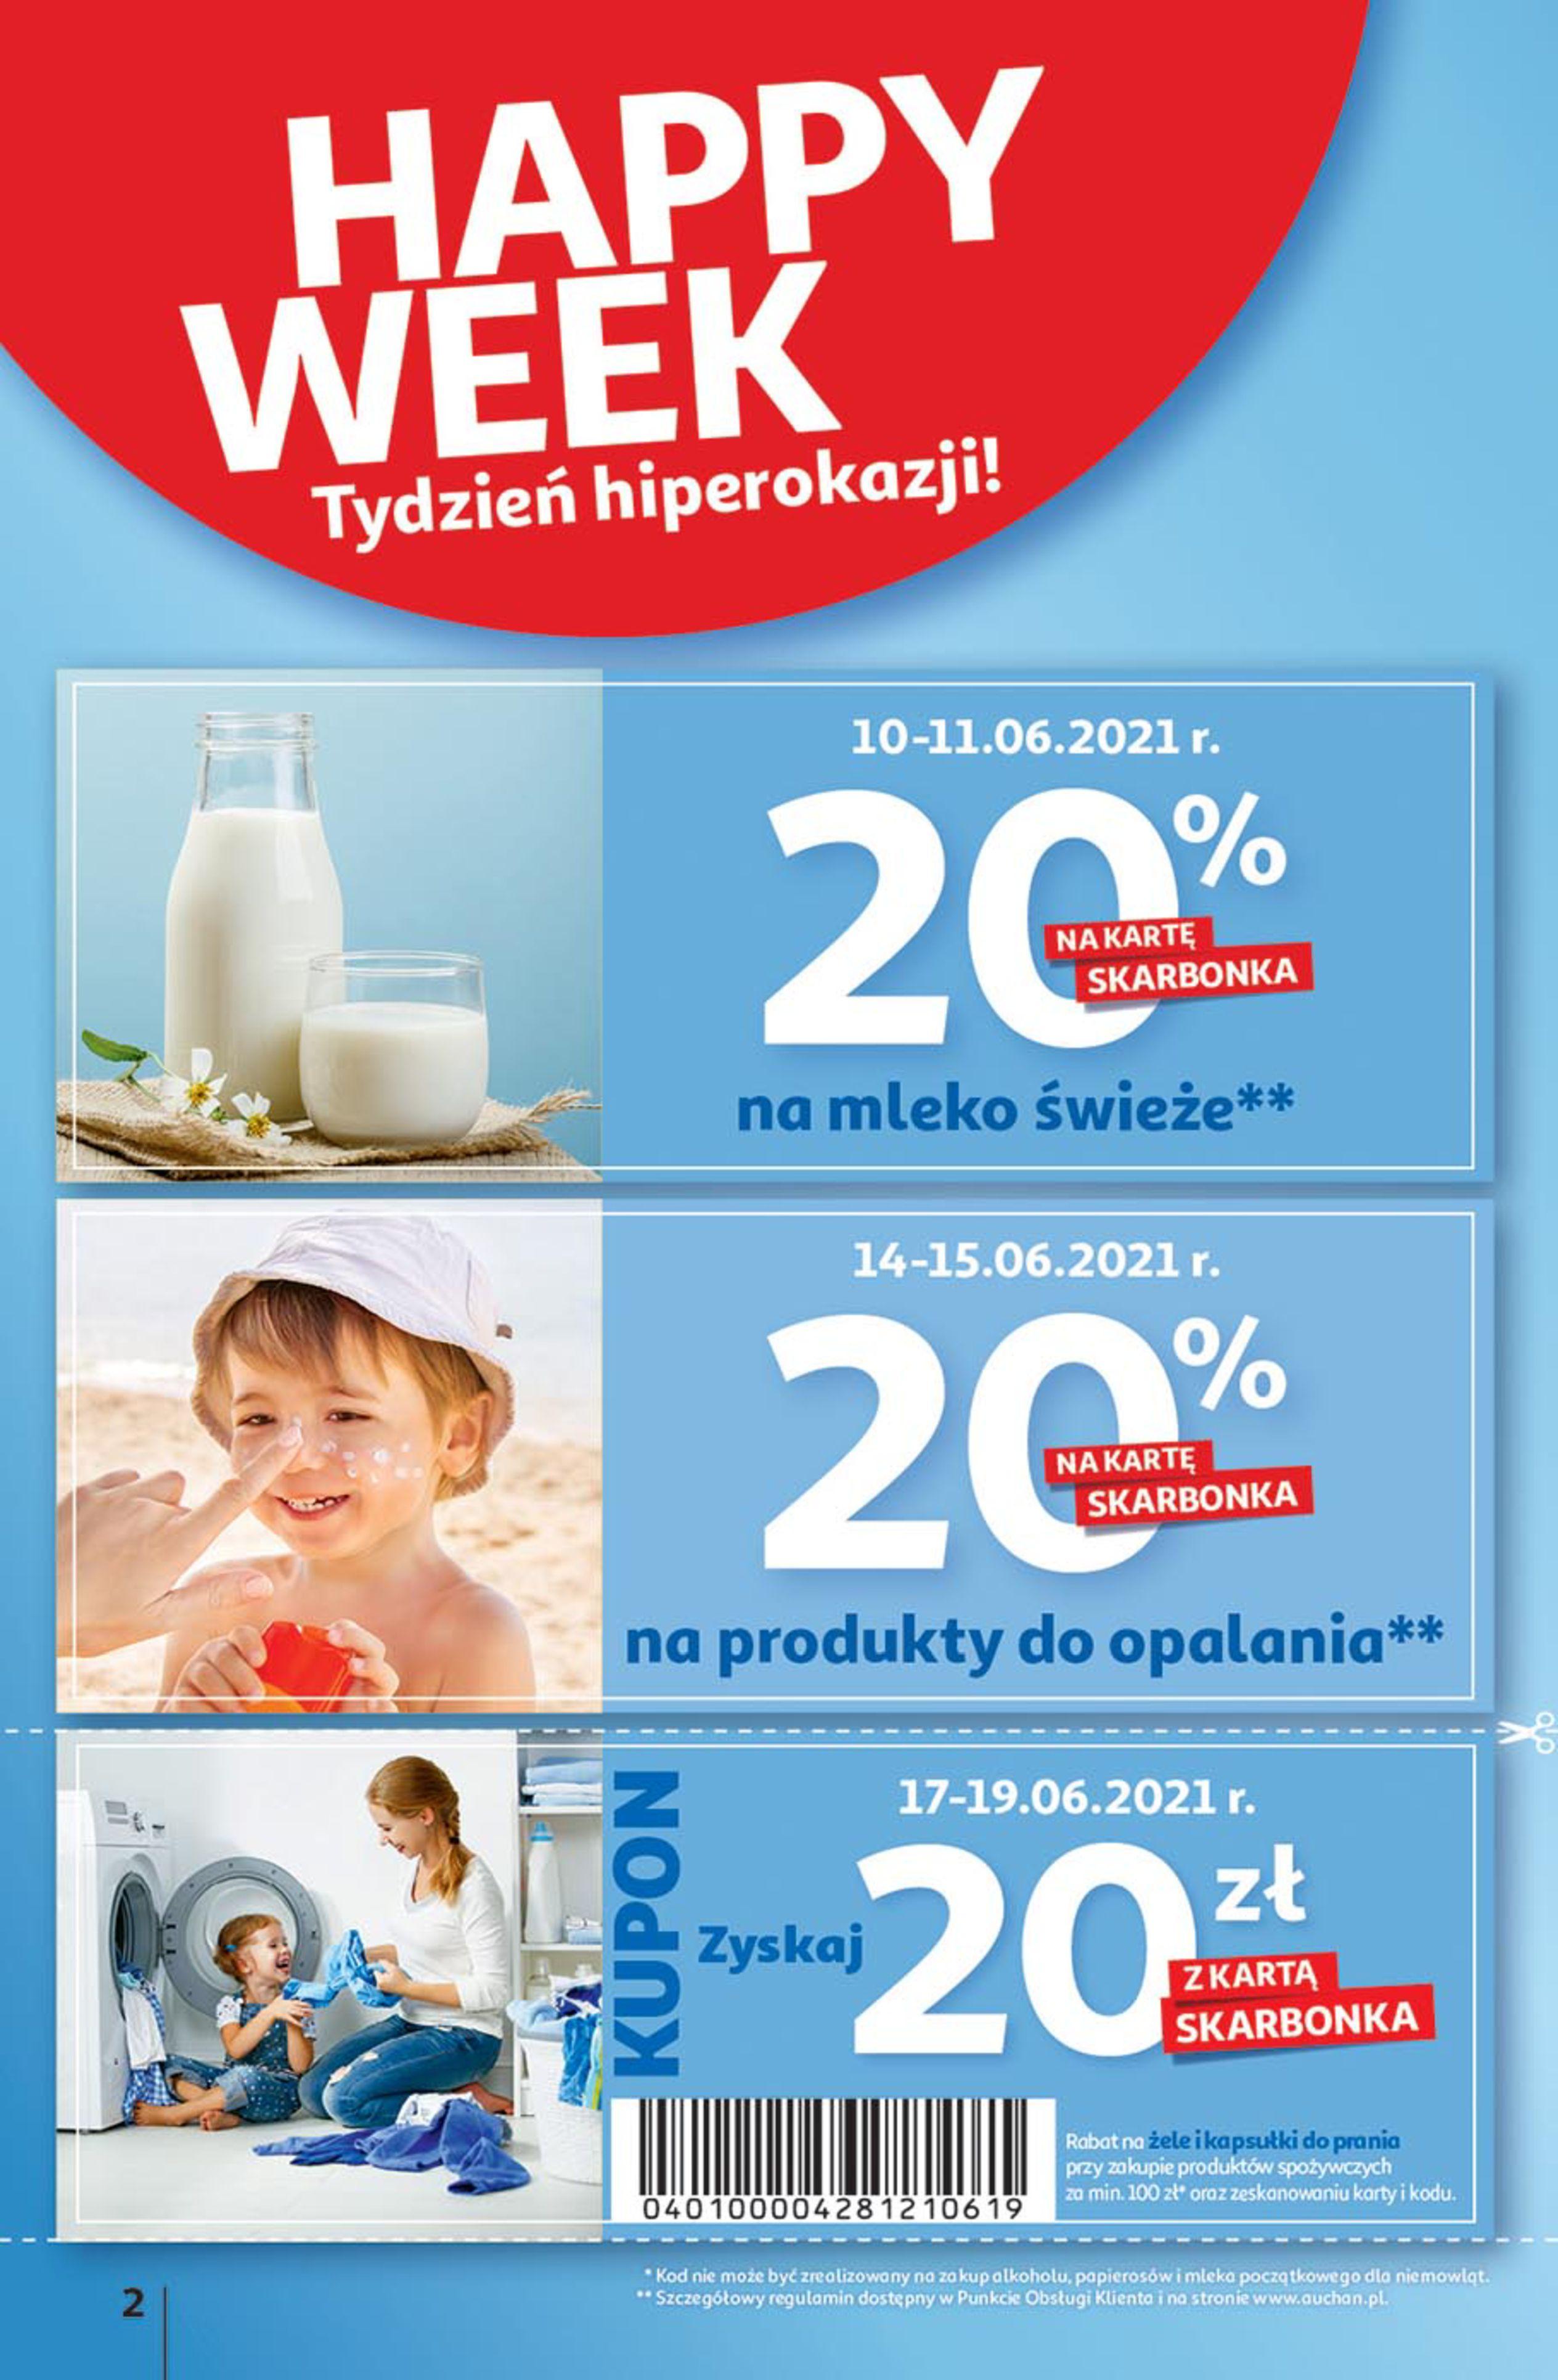 Gazetka Auchan: Gazetka Auchan - Euro 2020 2021-06-10 page-2